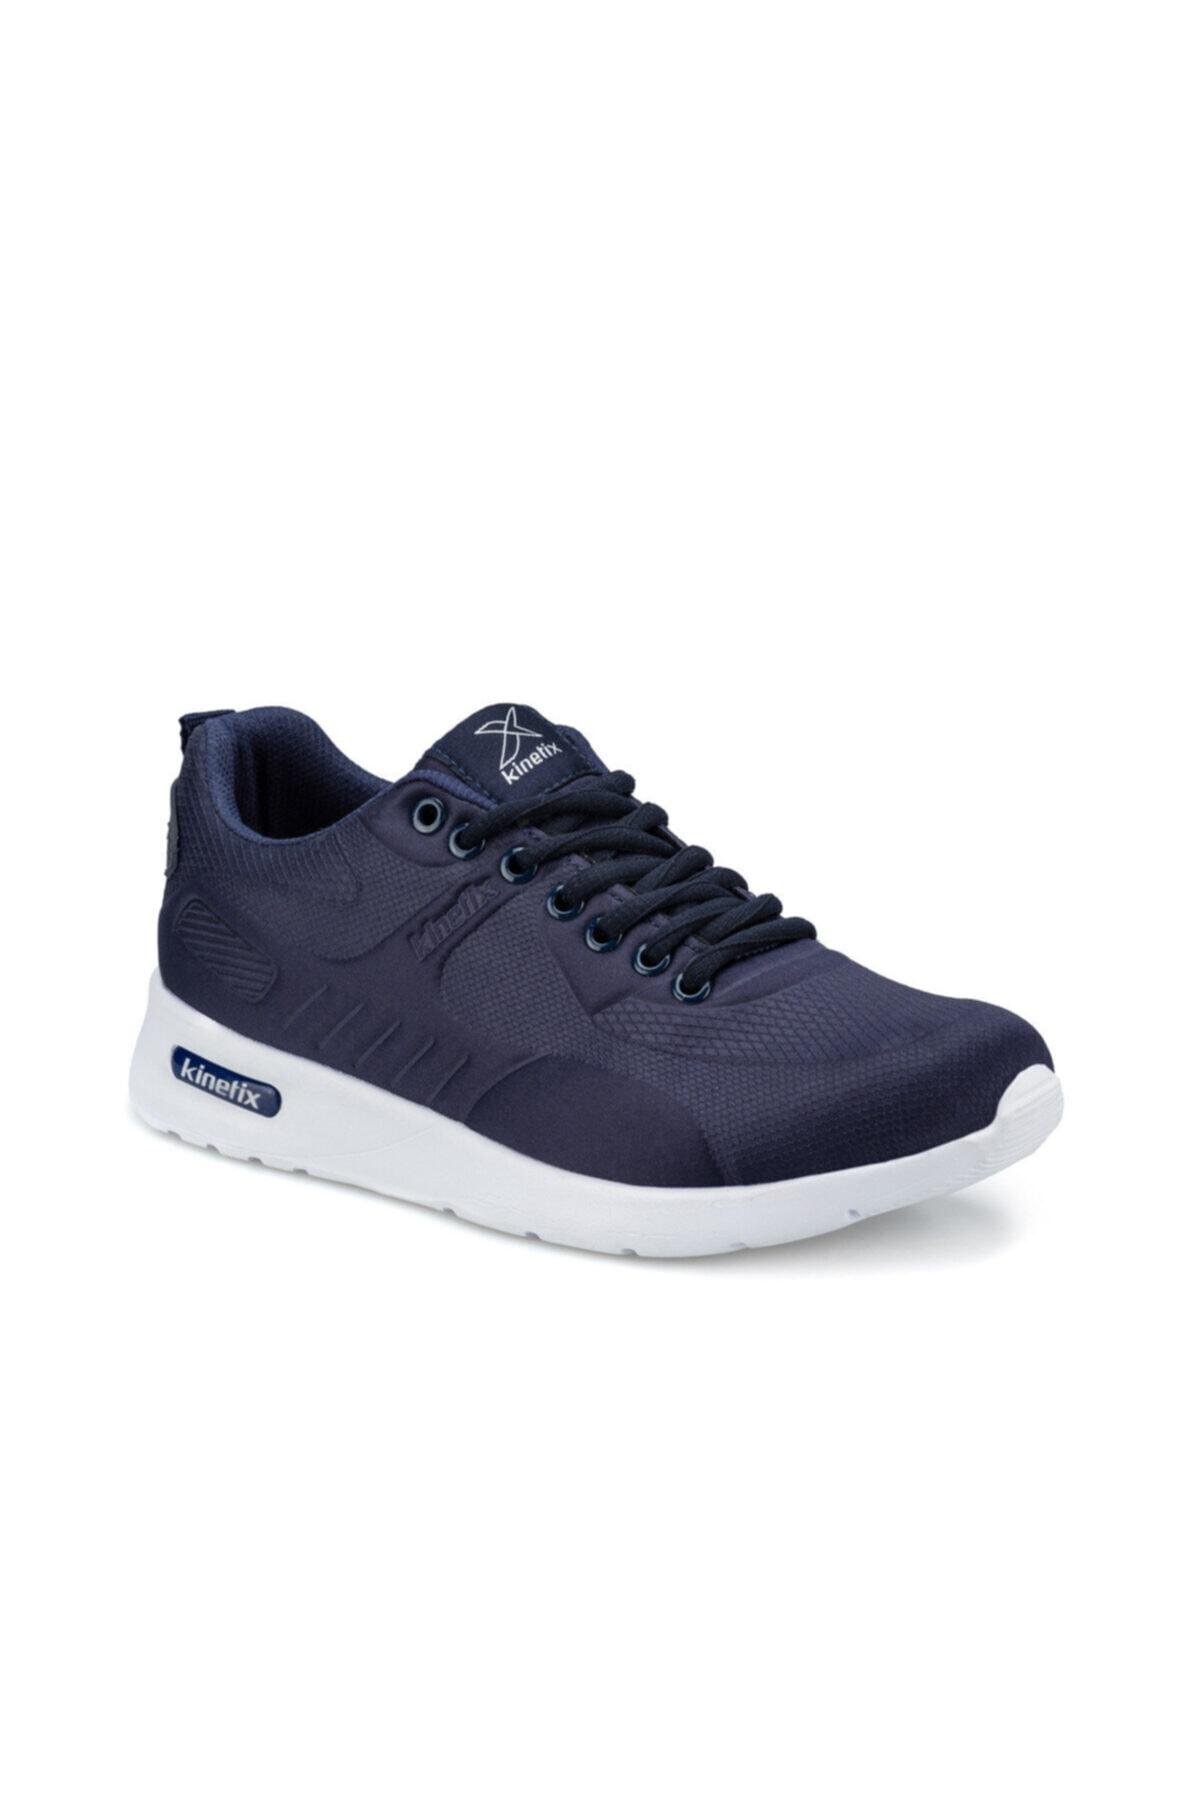 خرید انلاین کفش مخصوص پیاده روی مردانه خاص برند کینتیکس kinetix رنگ لاجوردی کد ty68215352